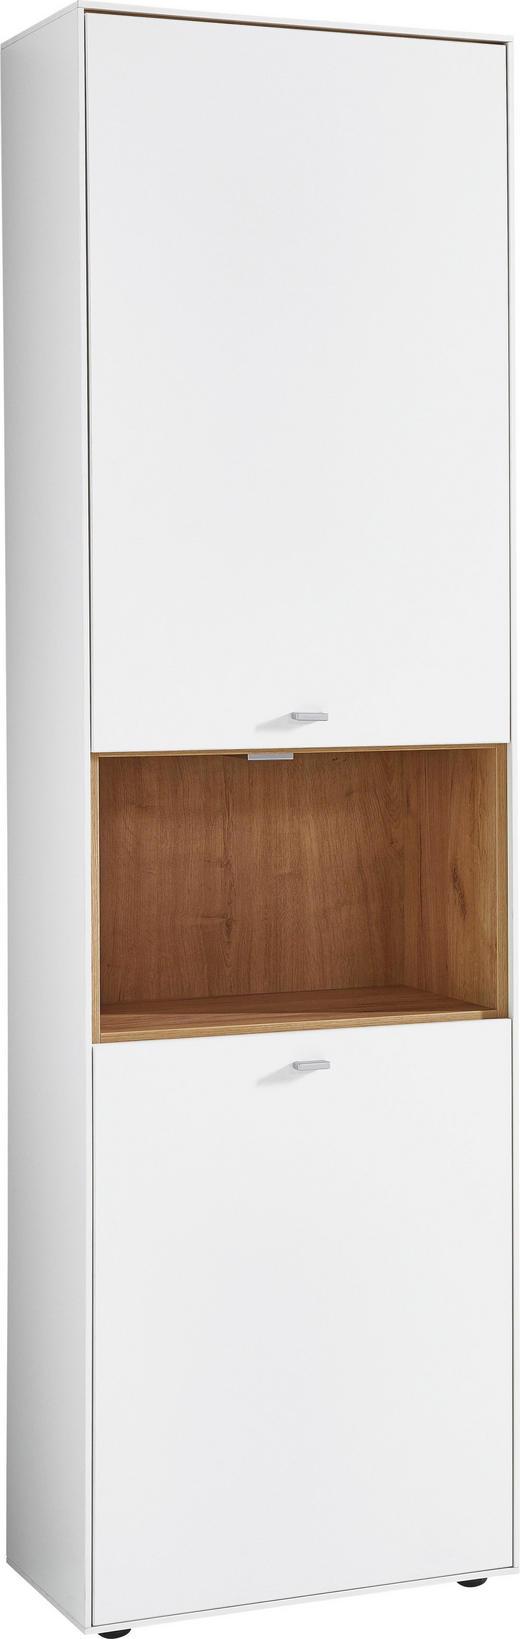 SCHRANK in Weiß, Eichefarben - Eichefarben/Alufarben, Design, Holzwerkstoff/Metall (57/199/38cm)